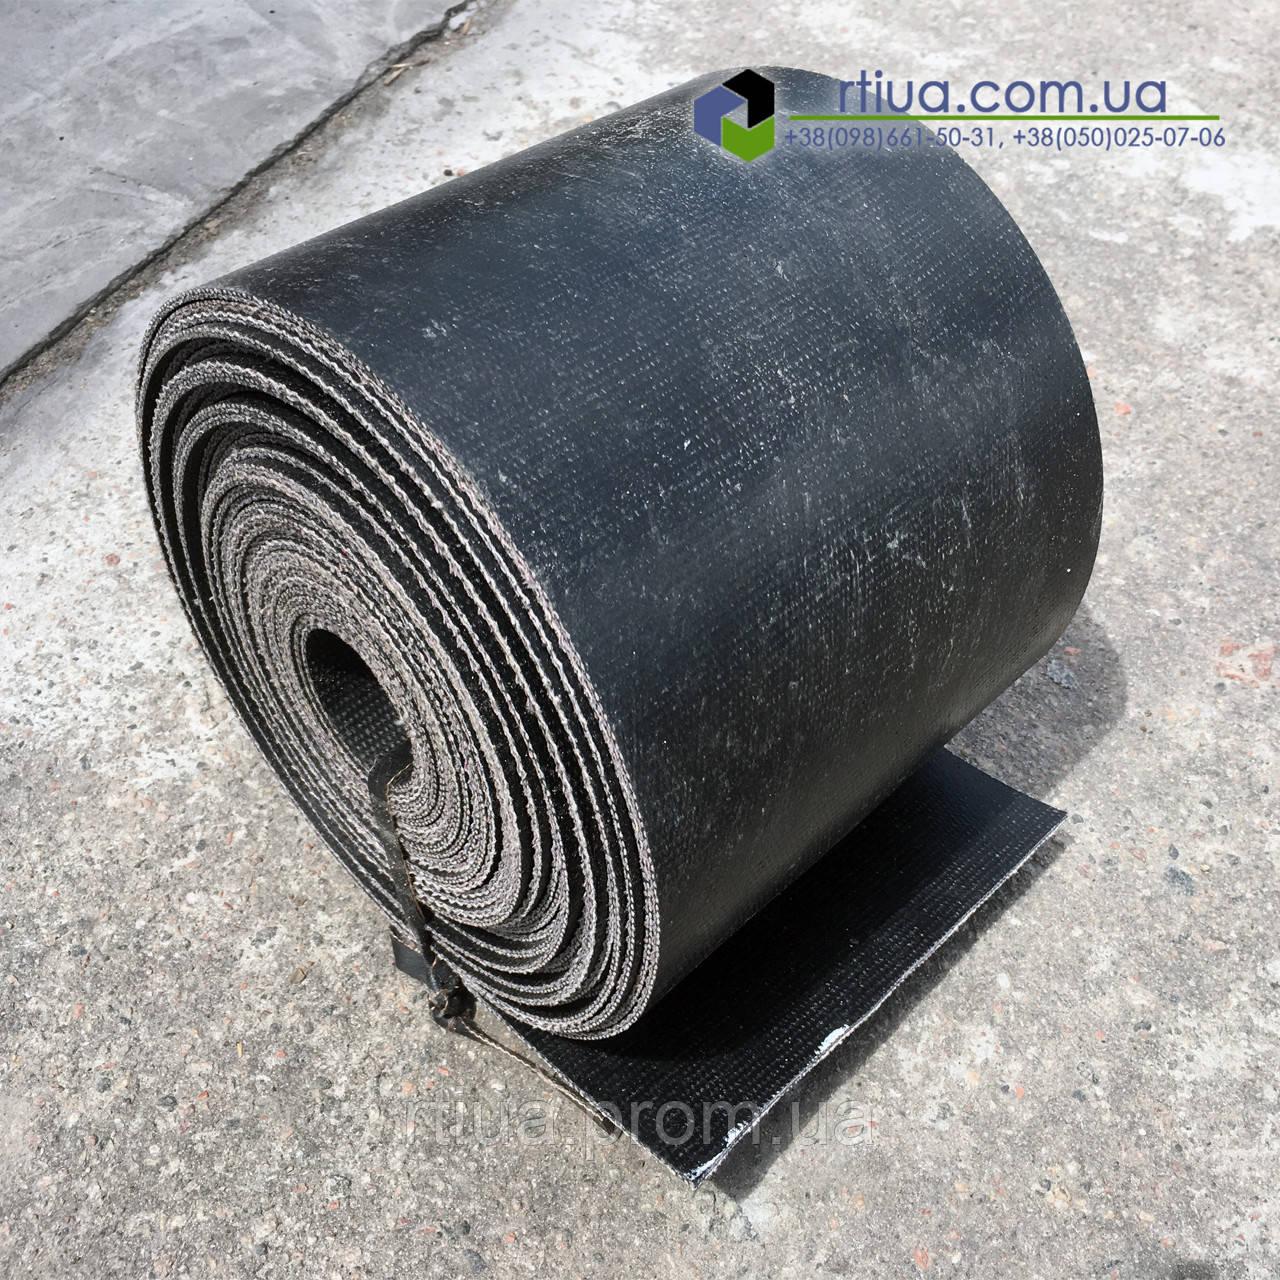 Транспортерная лента БКНЛ, 1000х3 мм